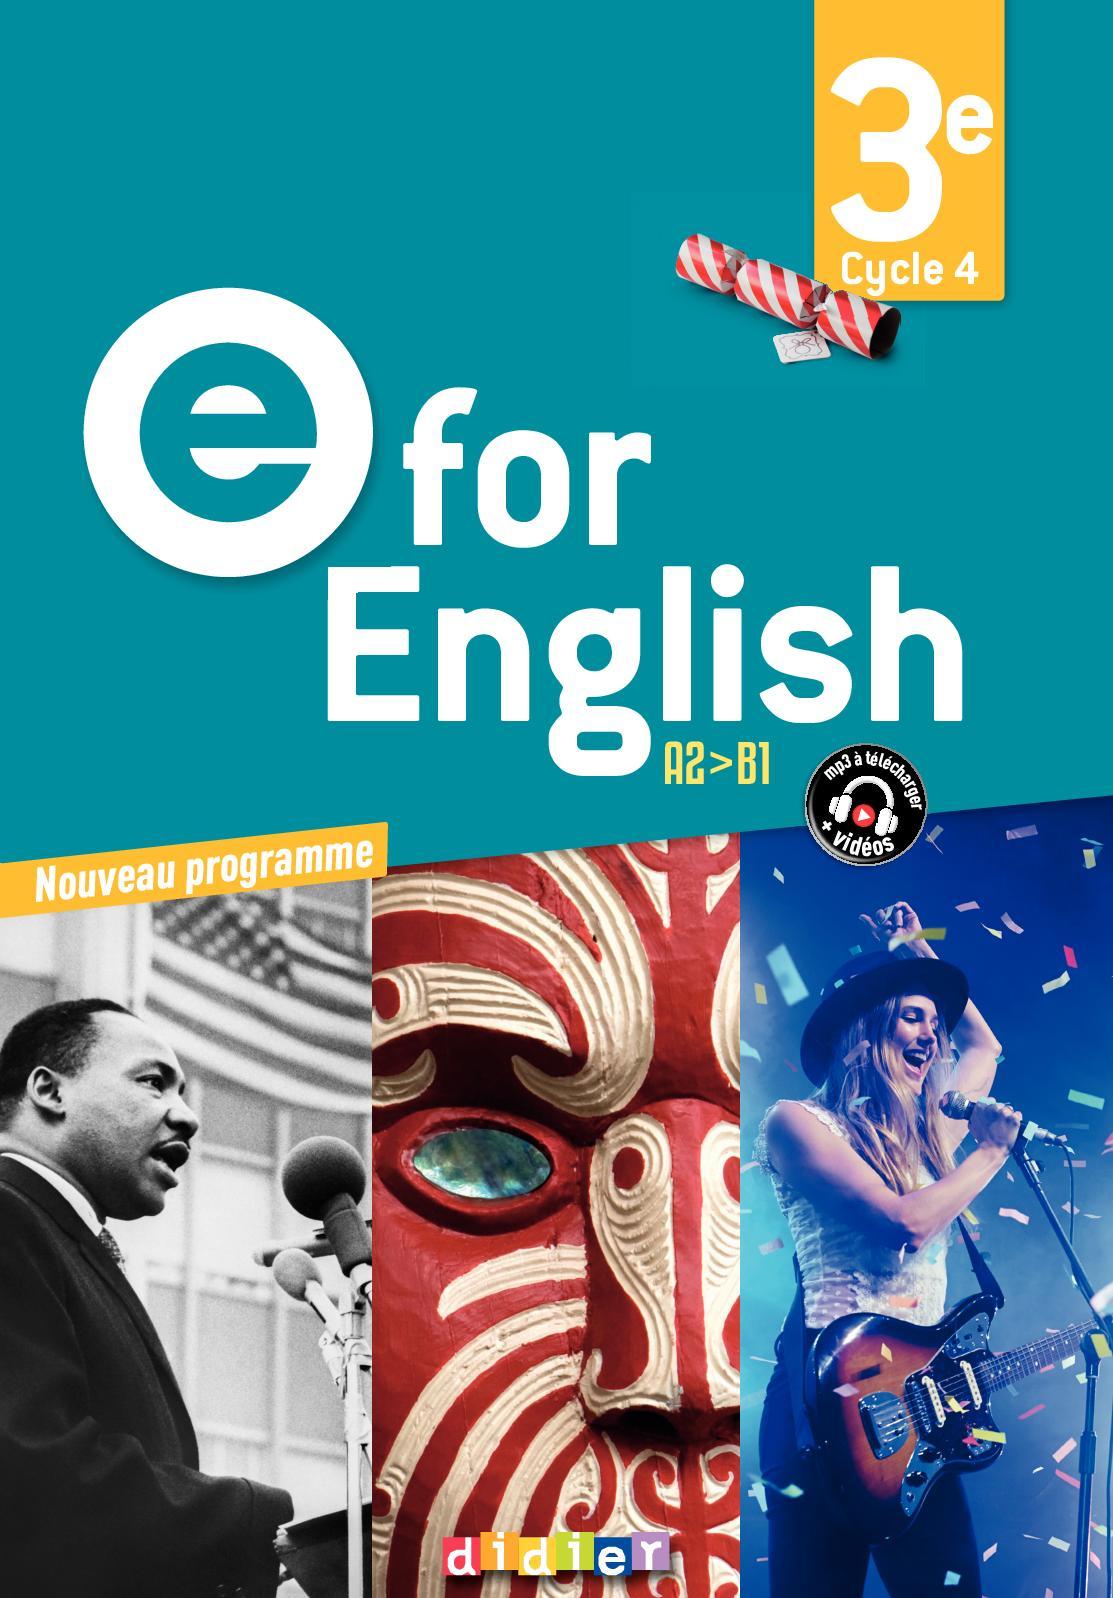 Calameo Extrait E For English 3e